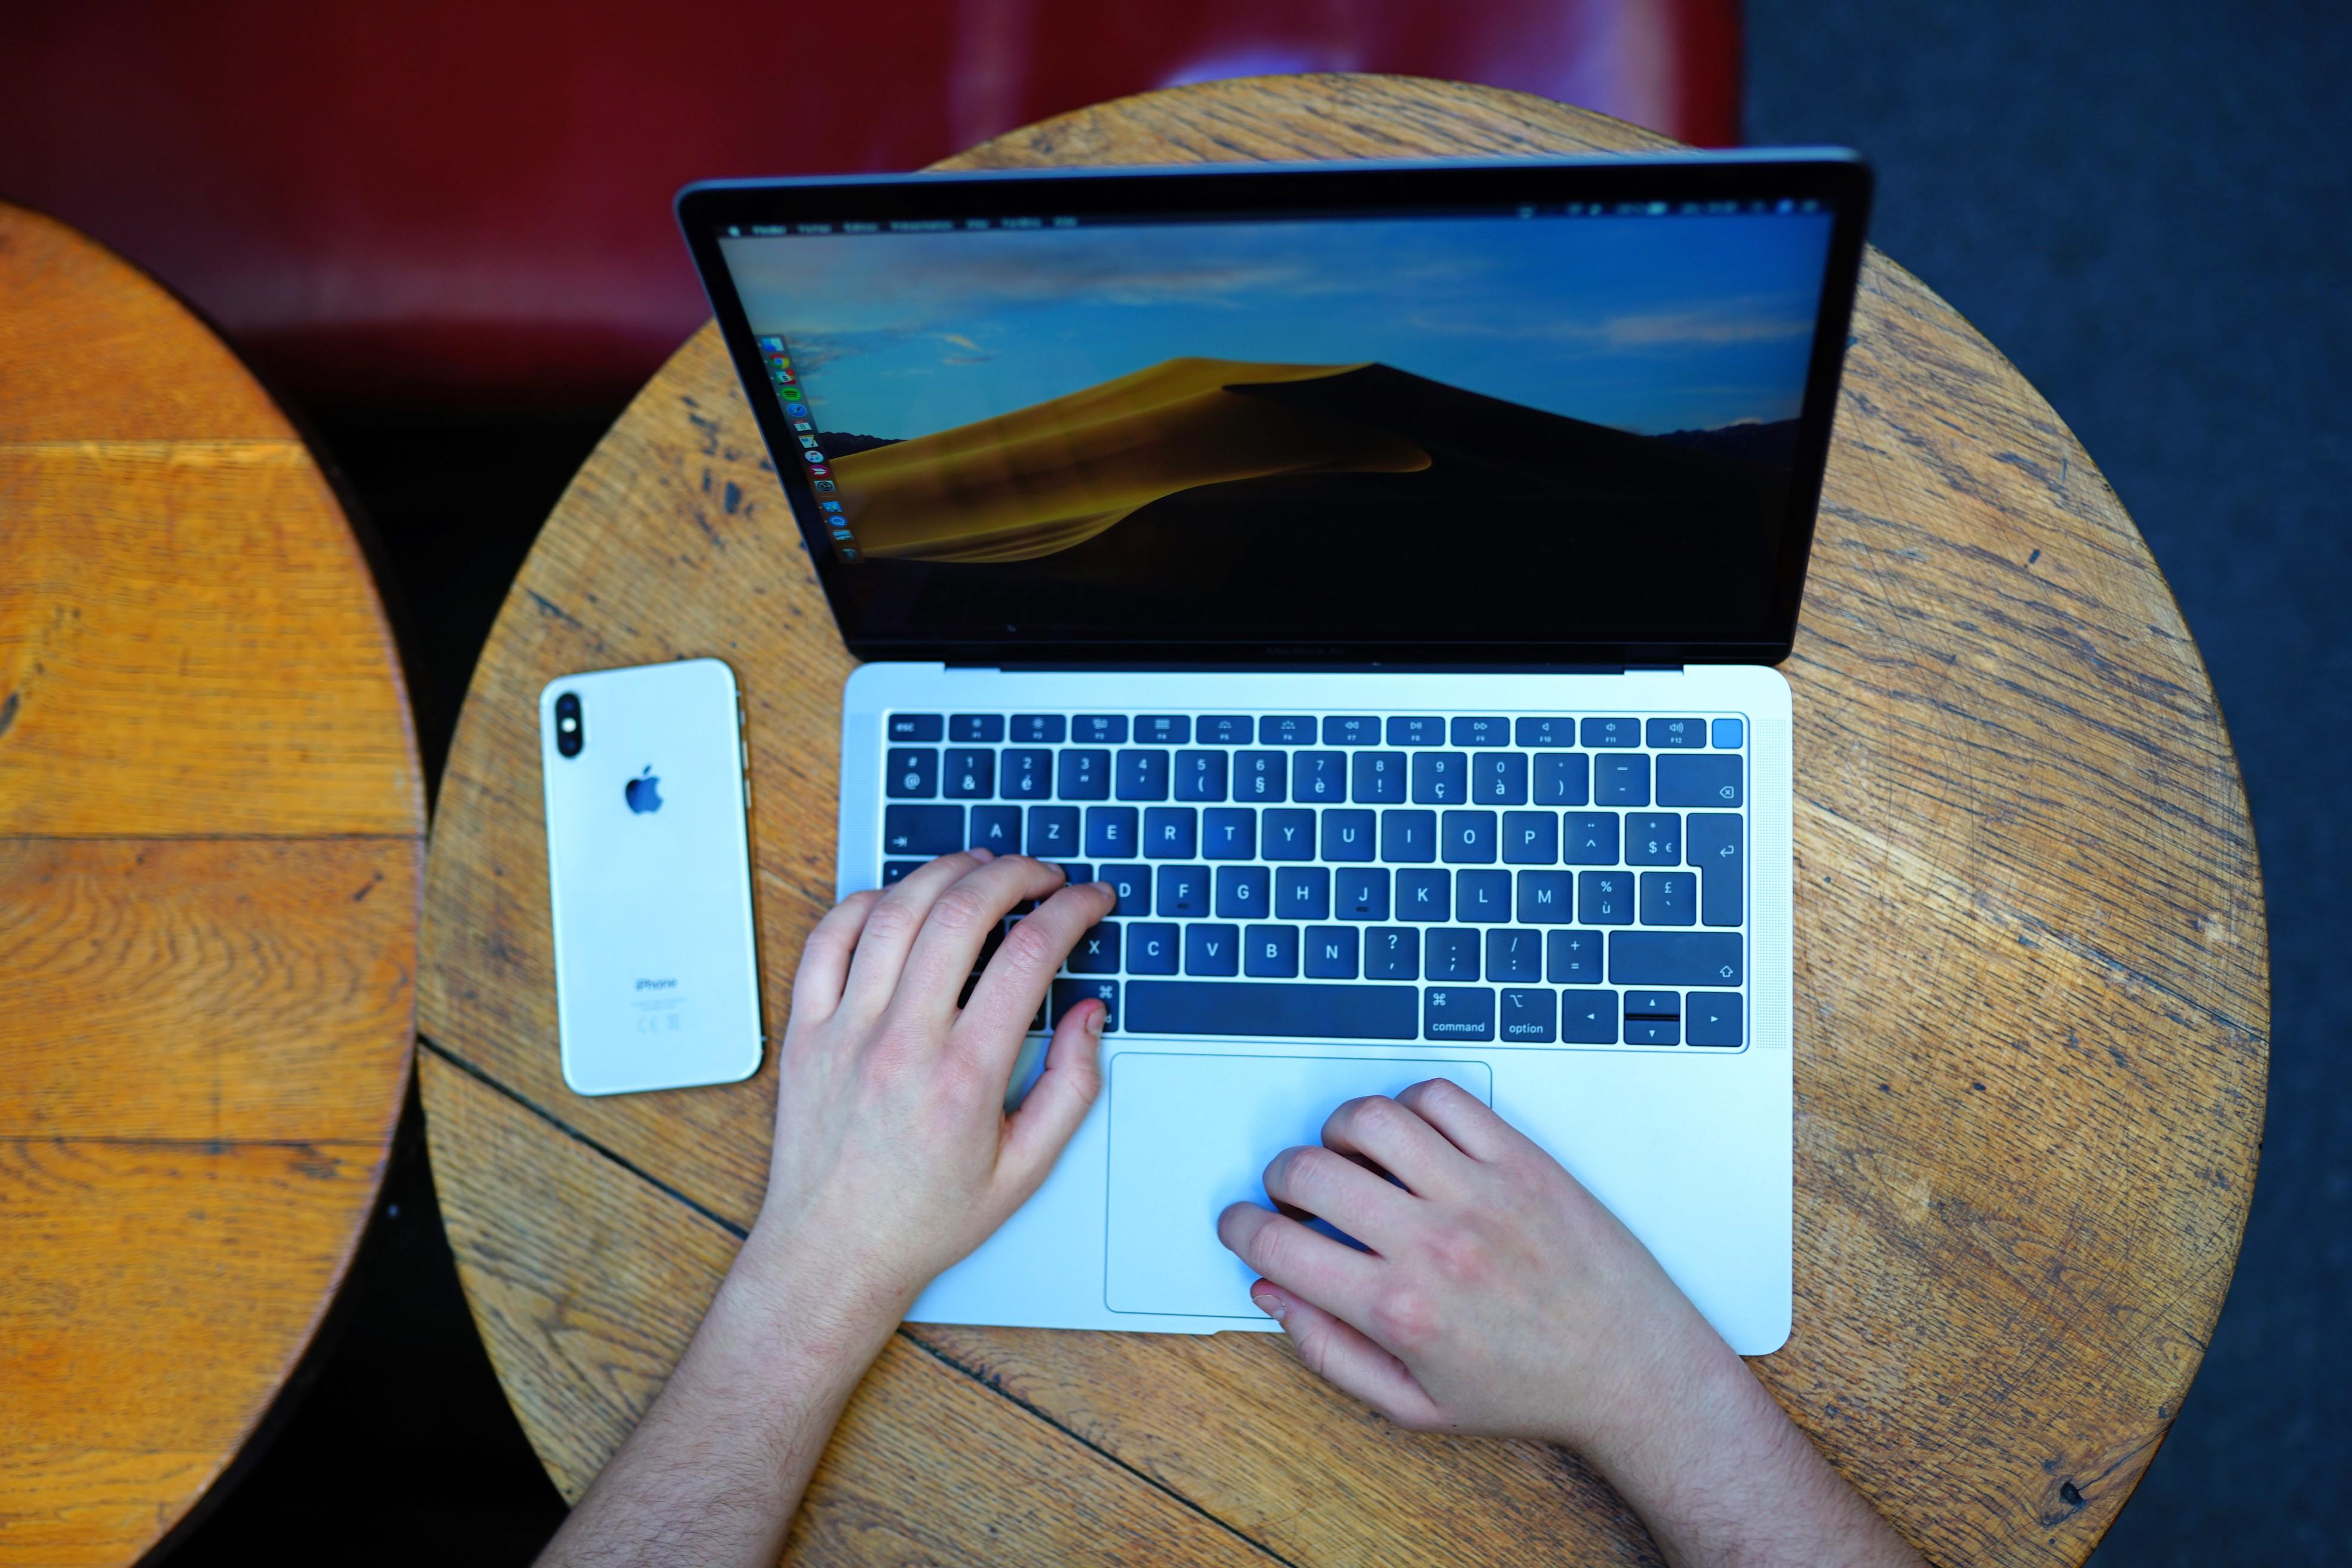 Le Deal du Jour : économisez 120 euros sur le nouveau MacBook Air Retina